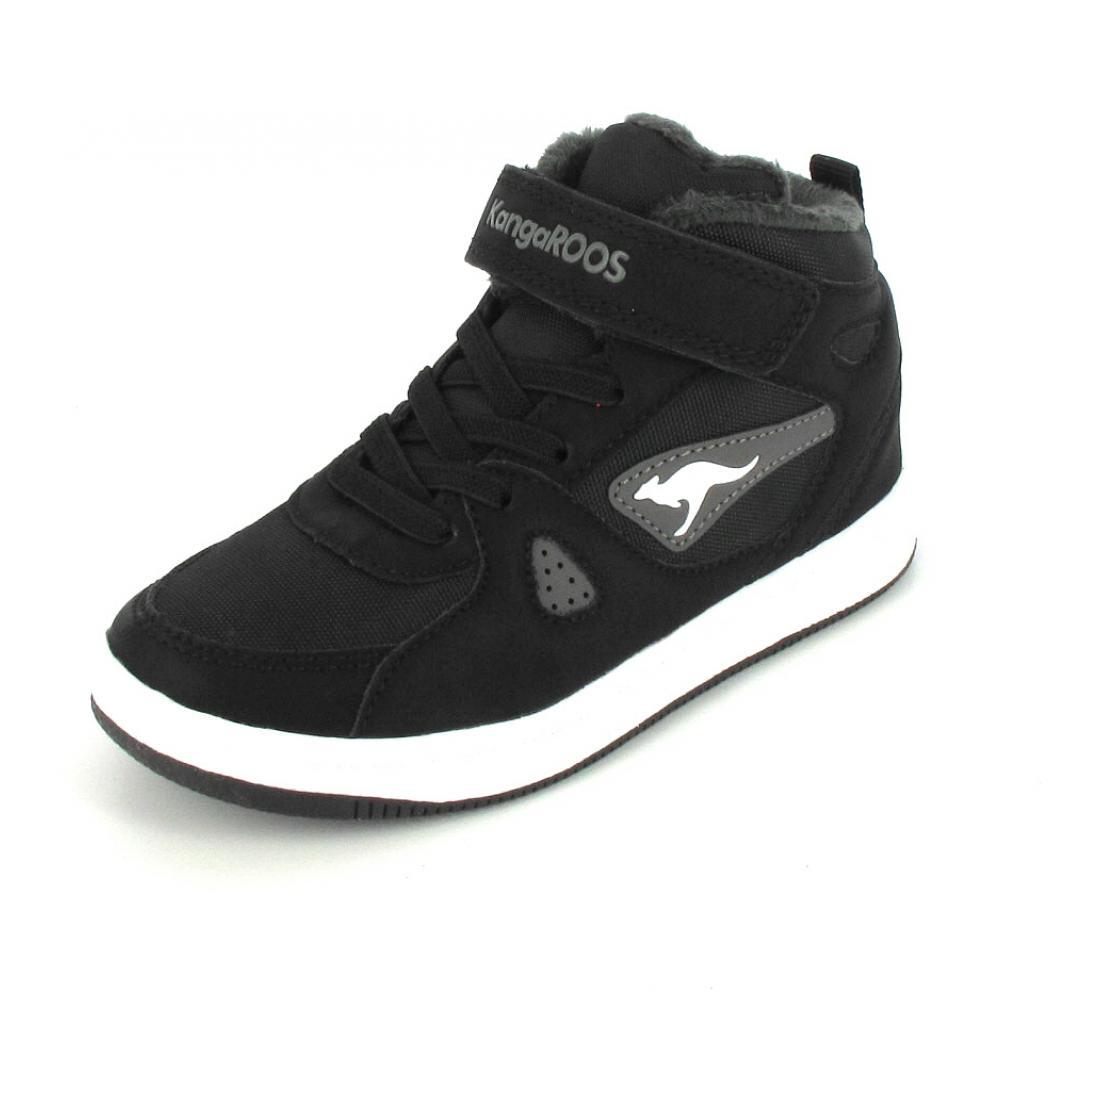 KangaRoos Sneaker high Kalley II EV